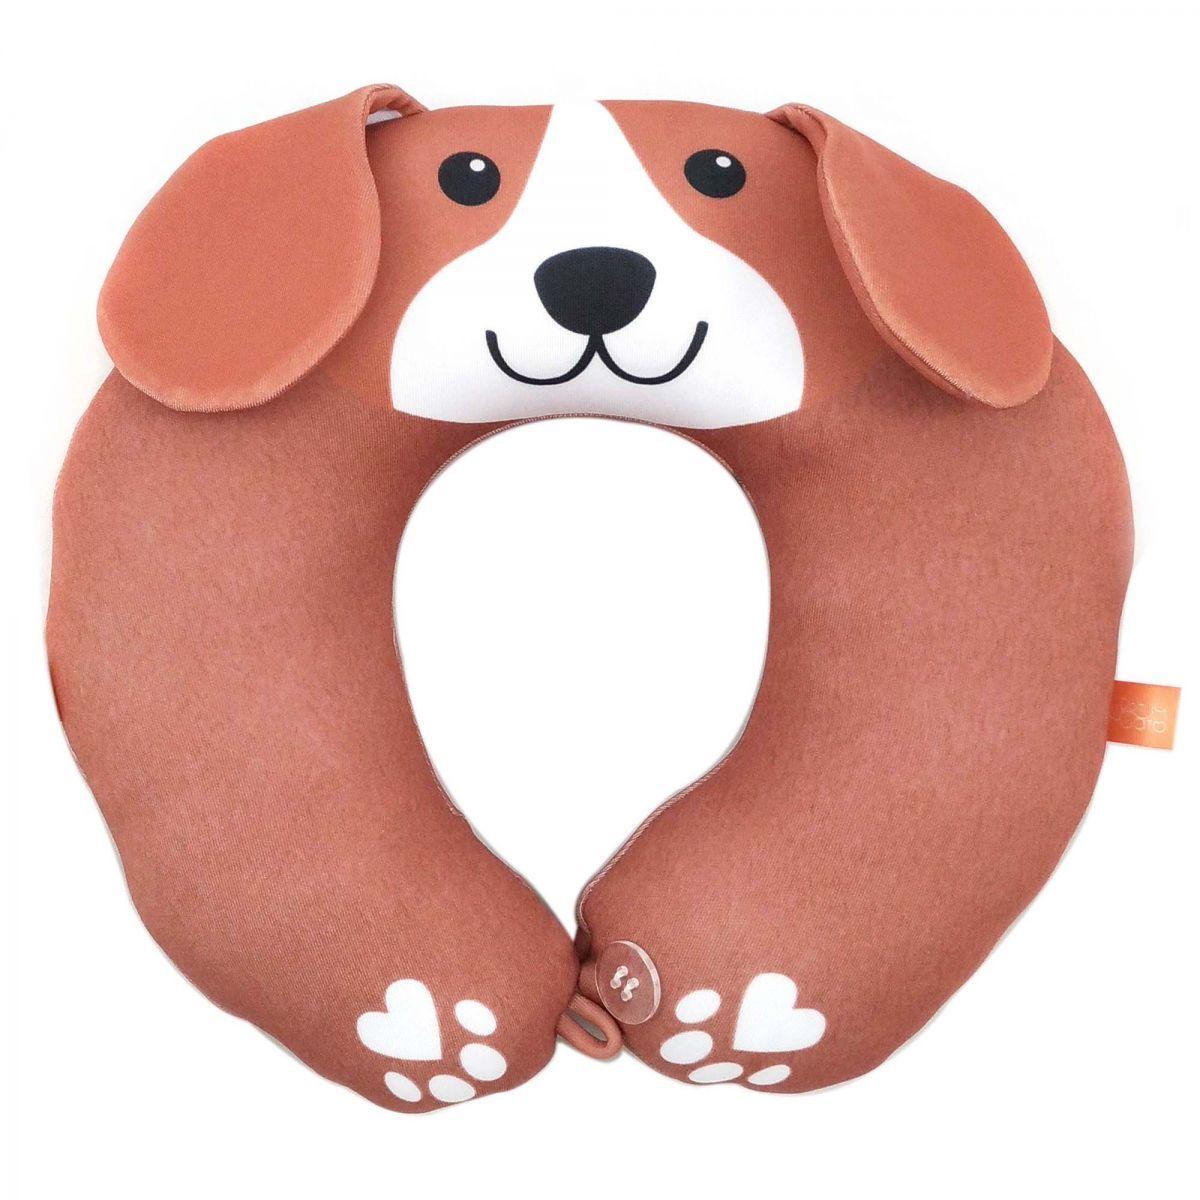 Almofada para Pescoço Infantil Cão Beagle - Dom Gato - Almofadas em formato  de cachorrinho! Crianças adoram cochilar no carro dentro de suas  cadeirinhas e ... f8ab1448d47